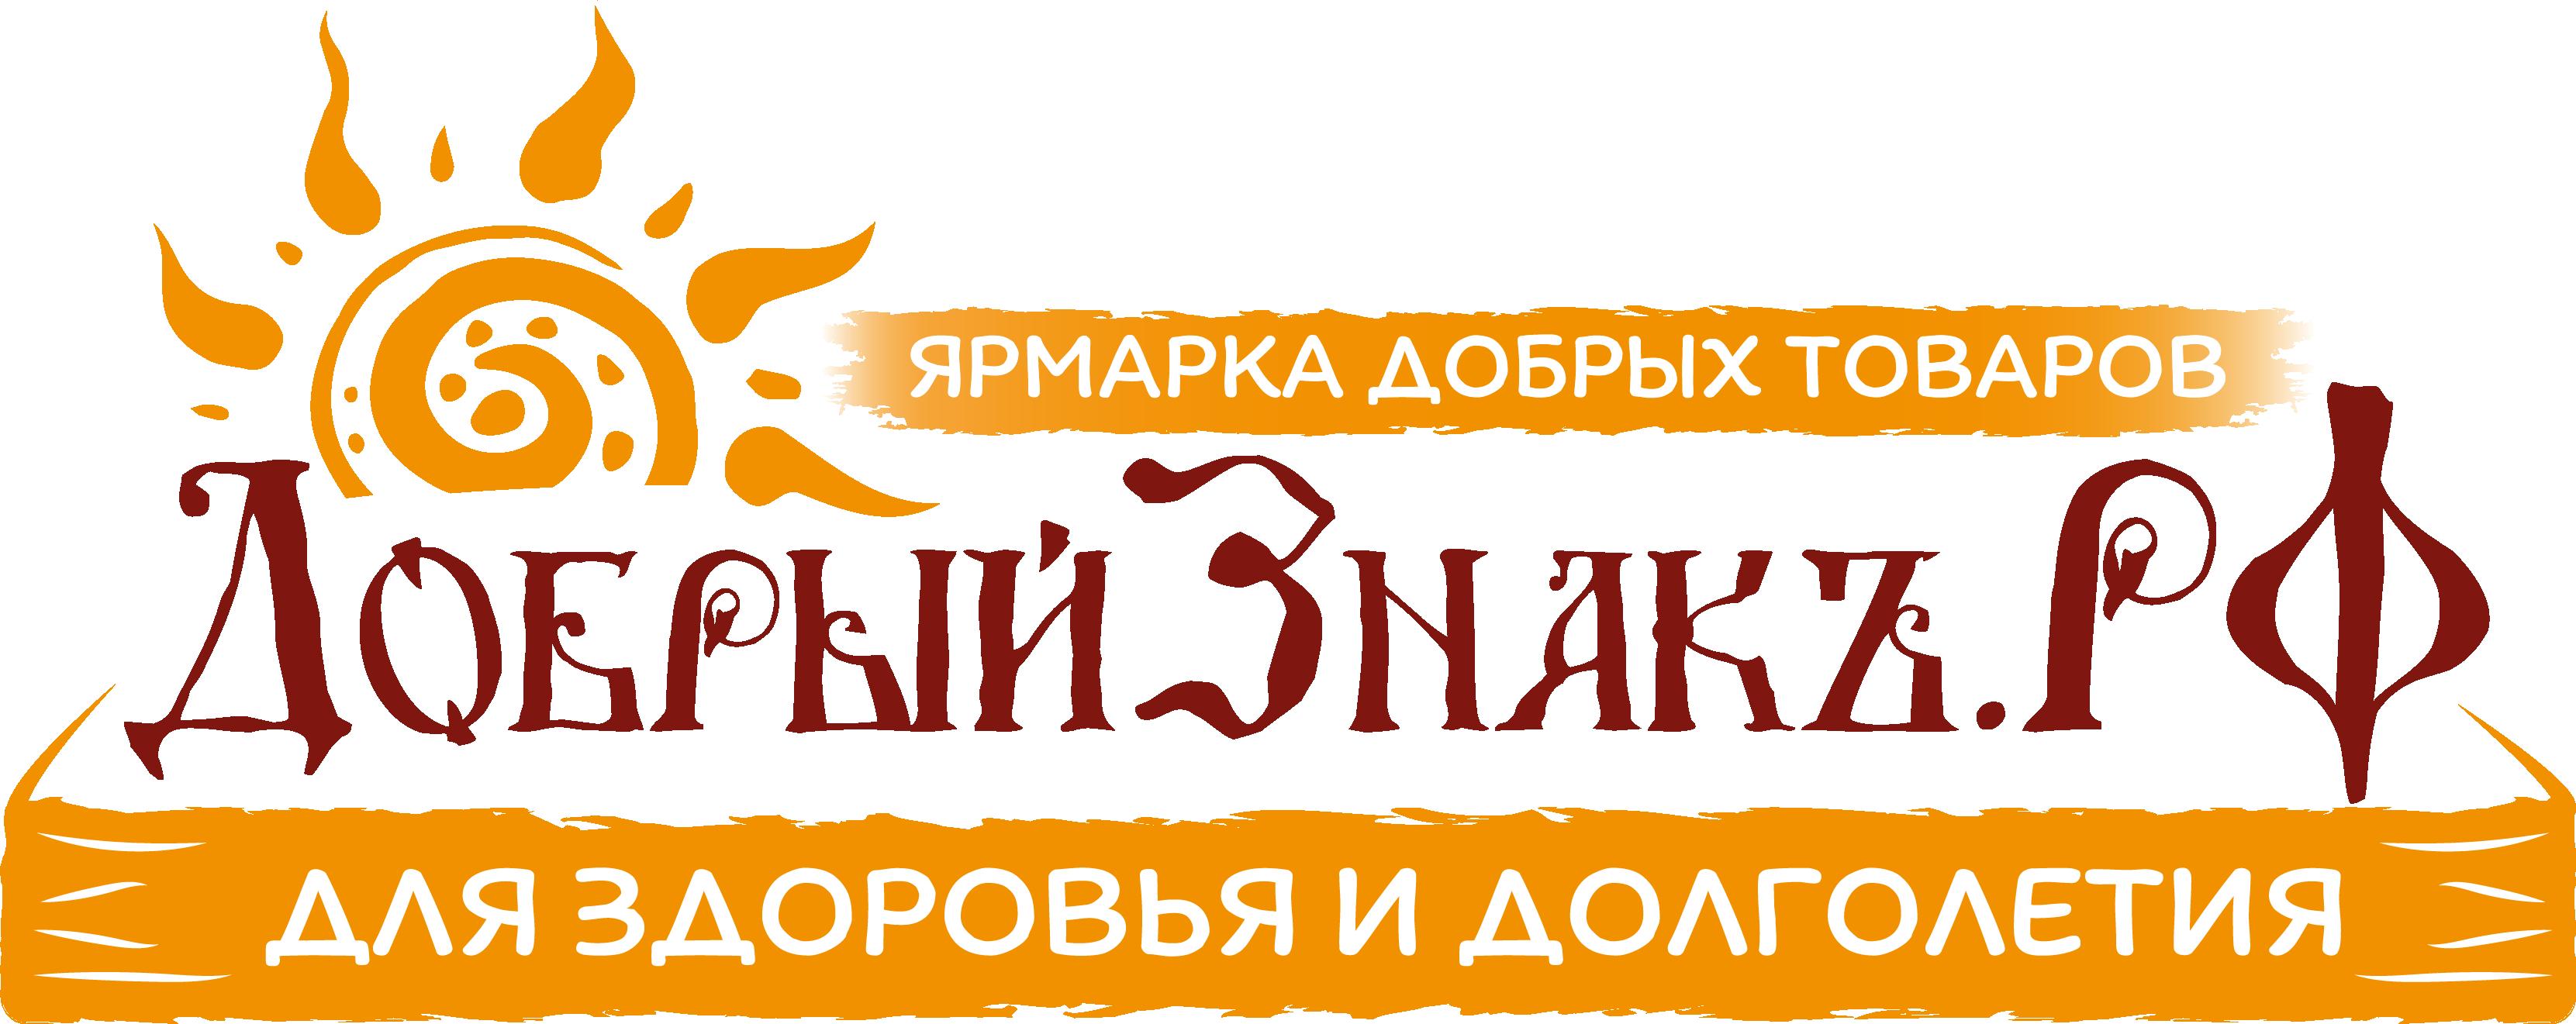 ДобрыйЗнакъ.РФ